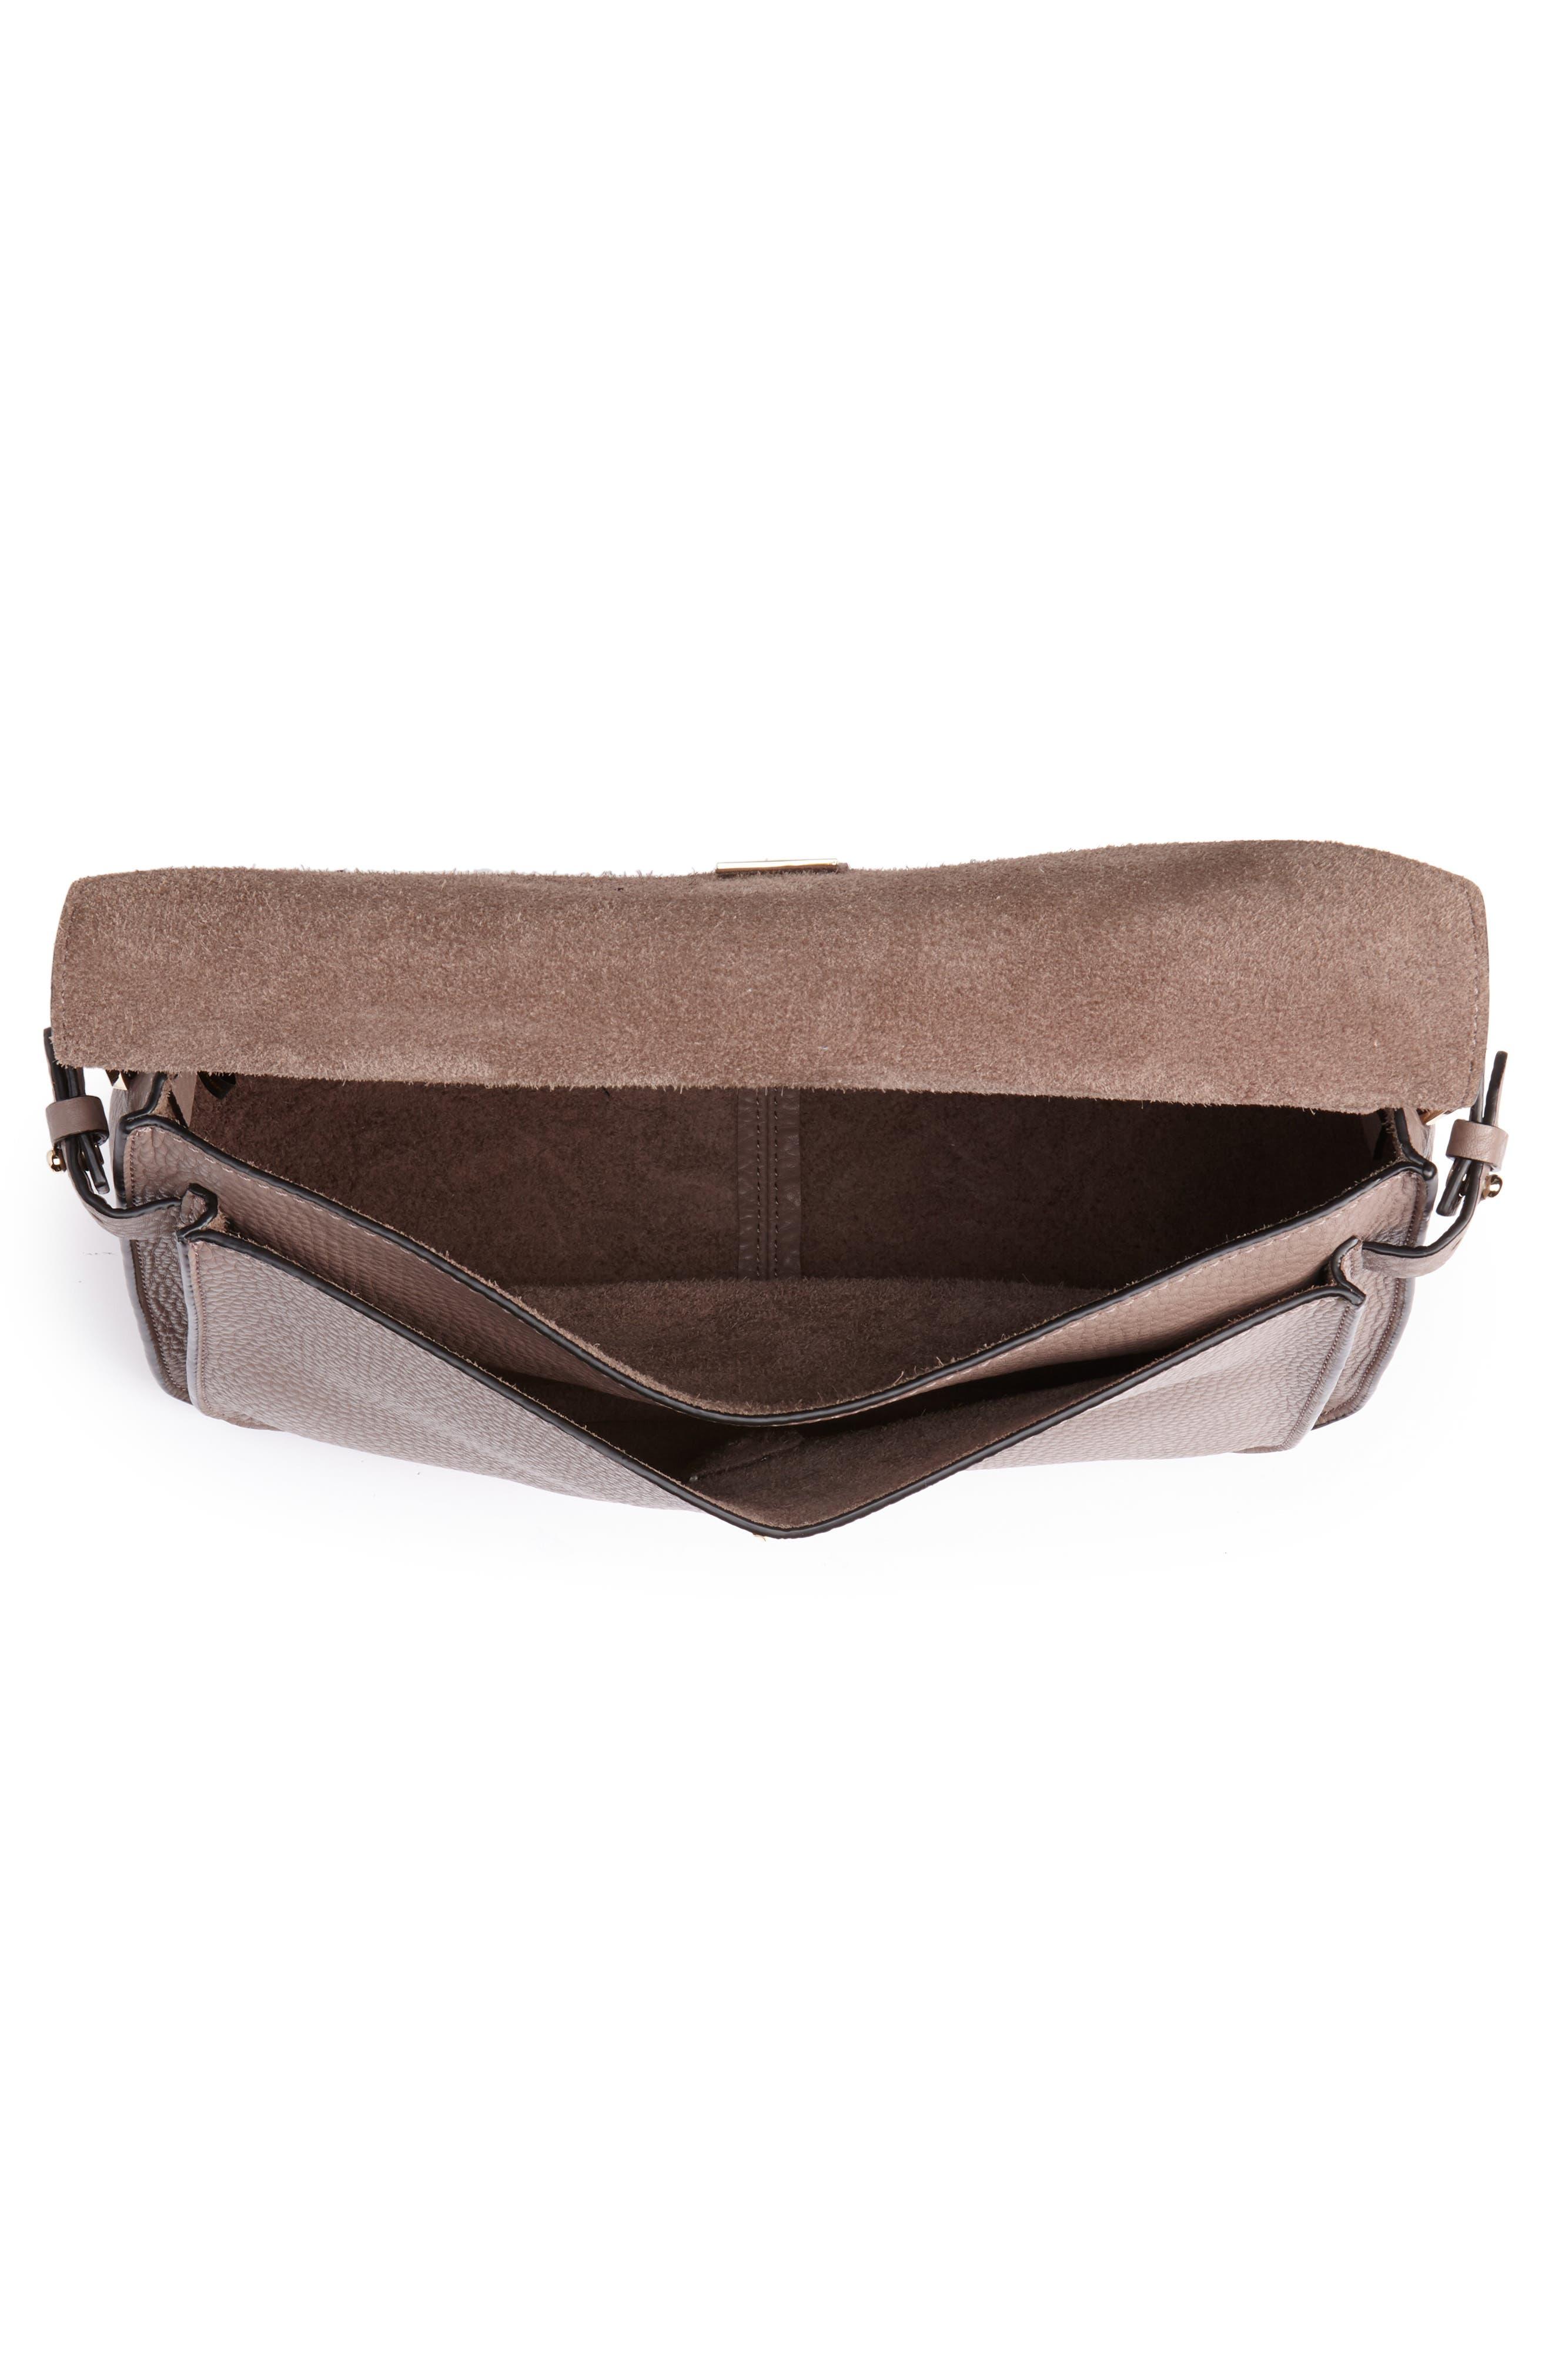 Darren Leather Messenger Bag,                             Alternate thumbnail 4, color,                             MINK